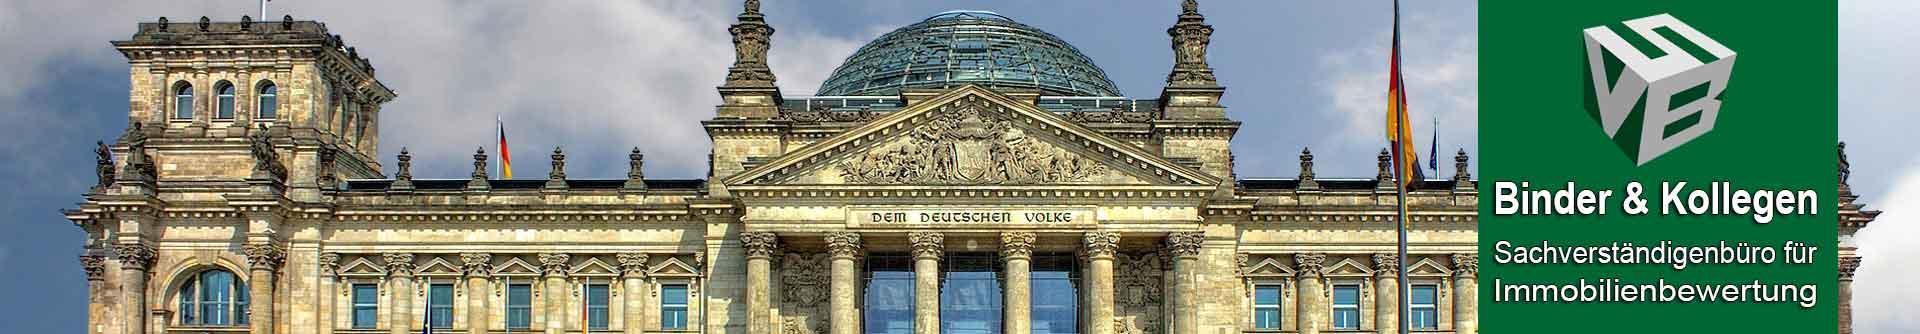 Header Berlin Sachverständiger und Gutachter für Immobilien Bernd A. Binder